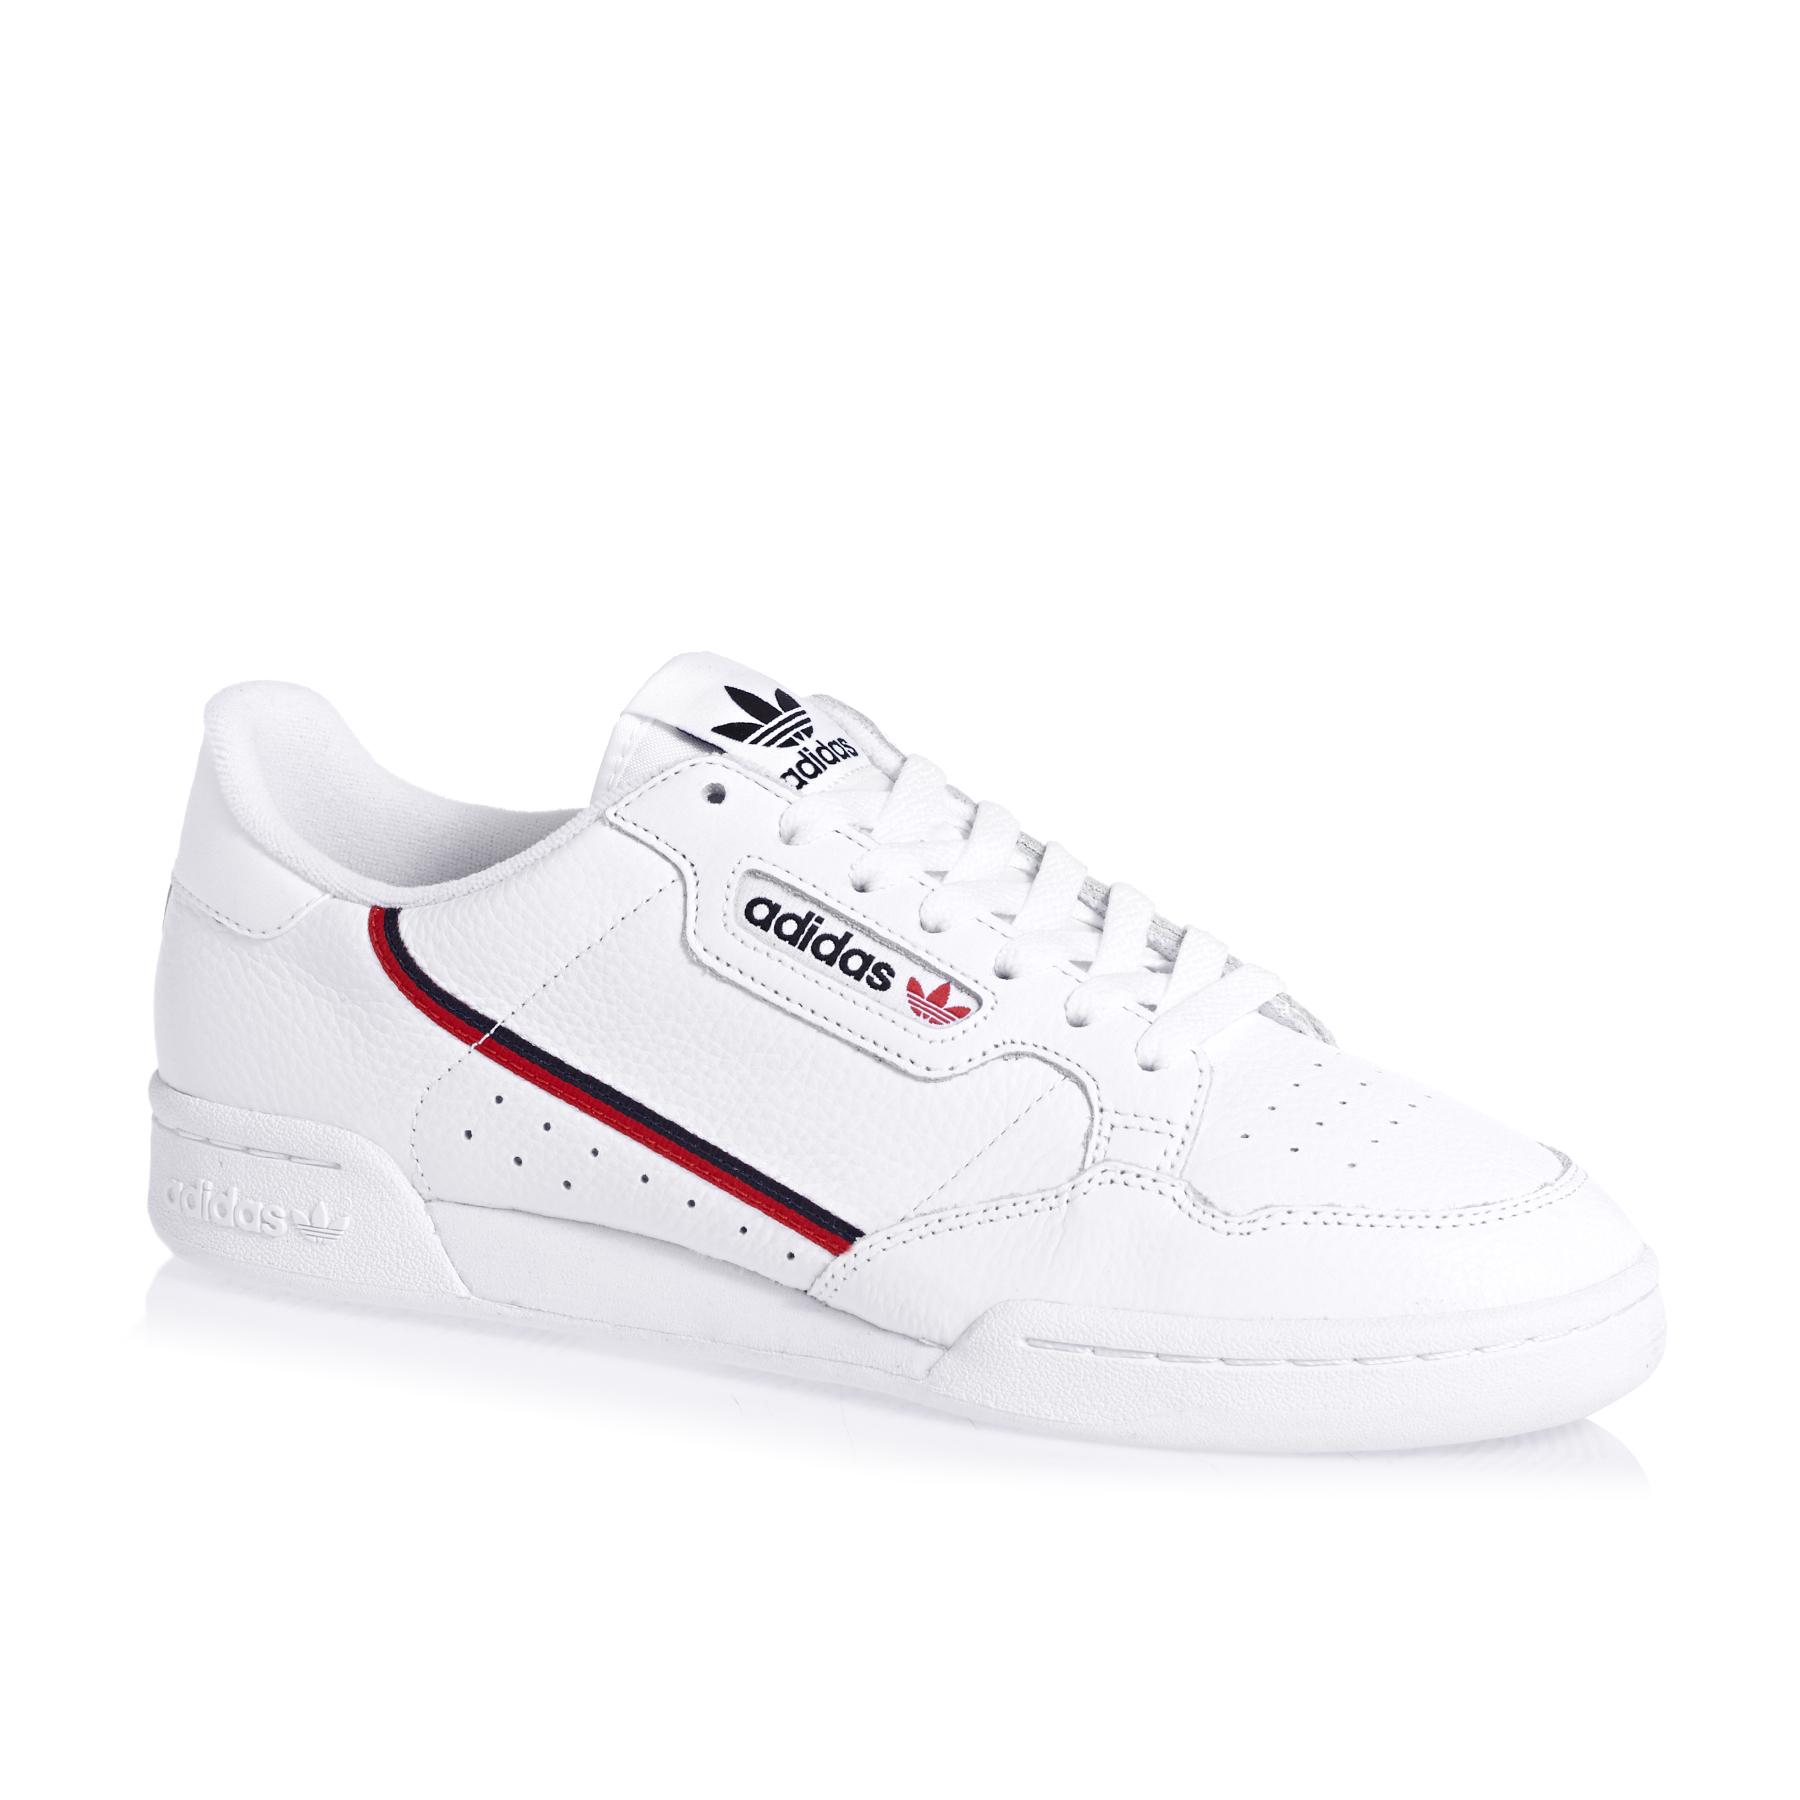 adidas sapatos canada mulheres